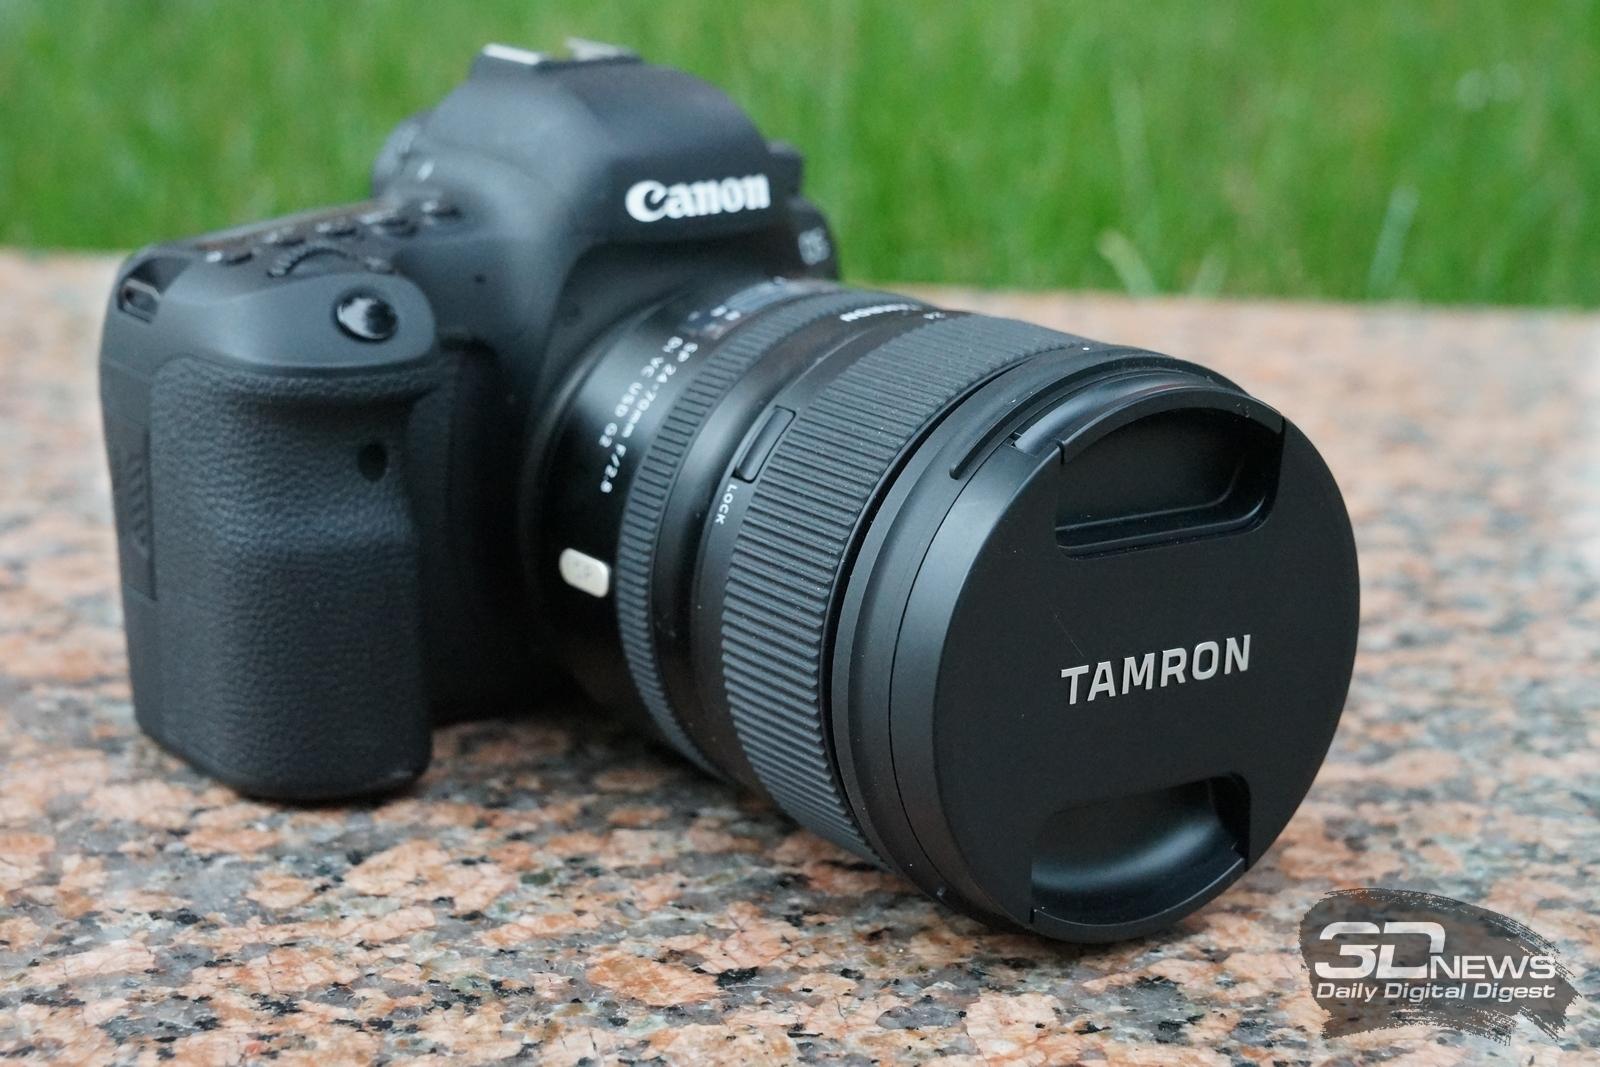 Обзор объектива Tamron SP 24-70mm F/2.8 G2: взгляд в сторону